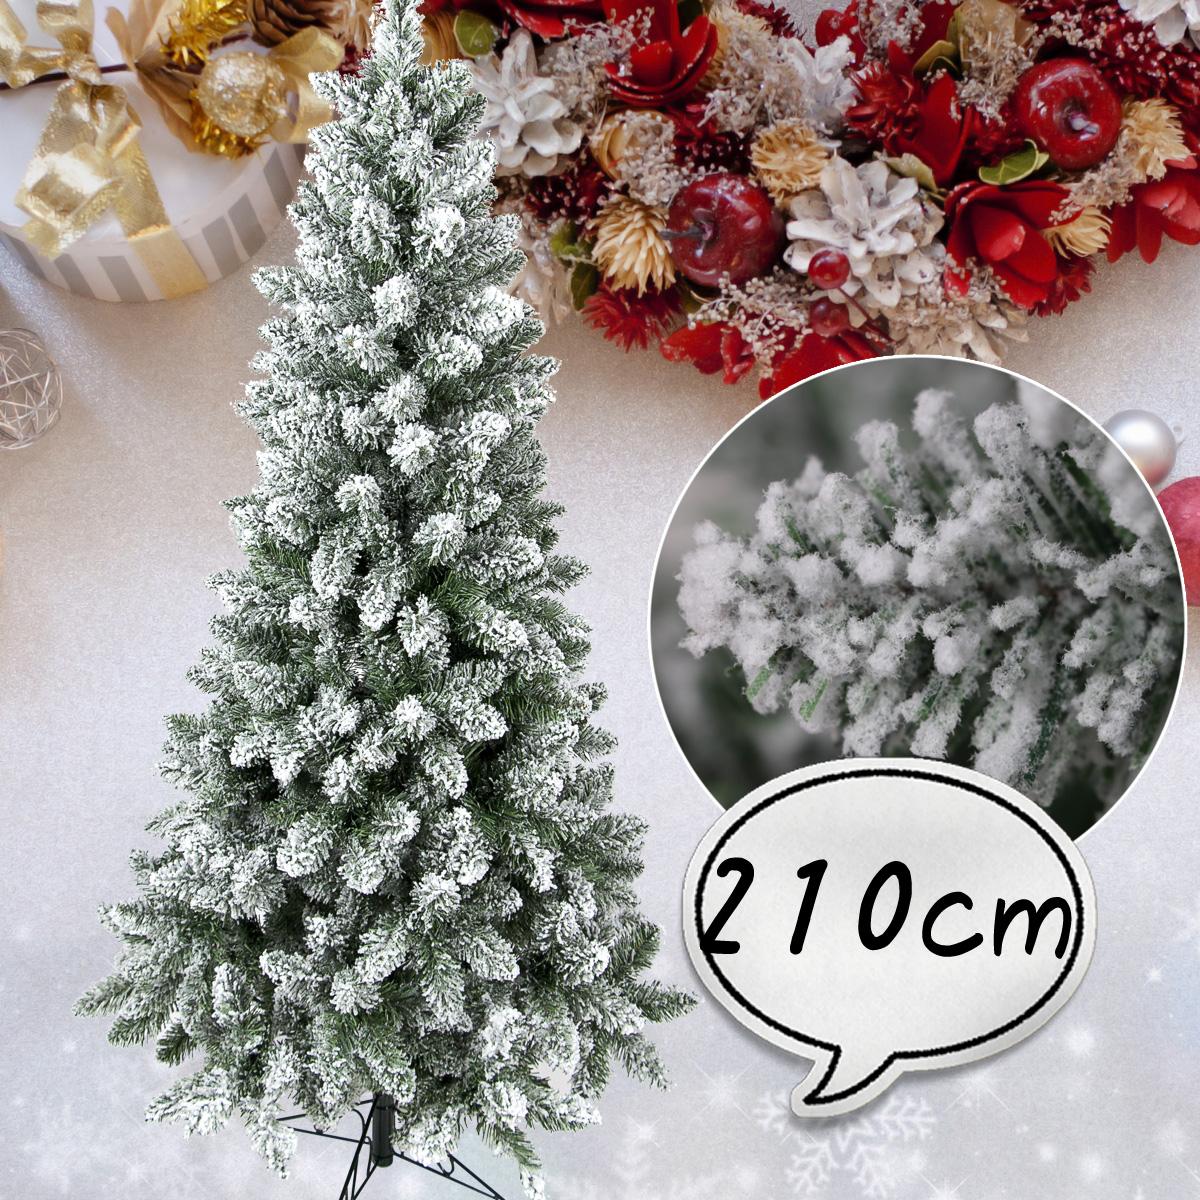 クリスマスツリー 210cm 雪 フルフロストツリー スリム グリーン 木 スノーツリー 北欧 おしゃれ 【10月中旬入荷予定】